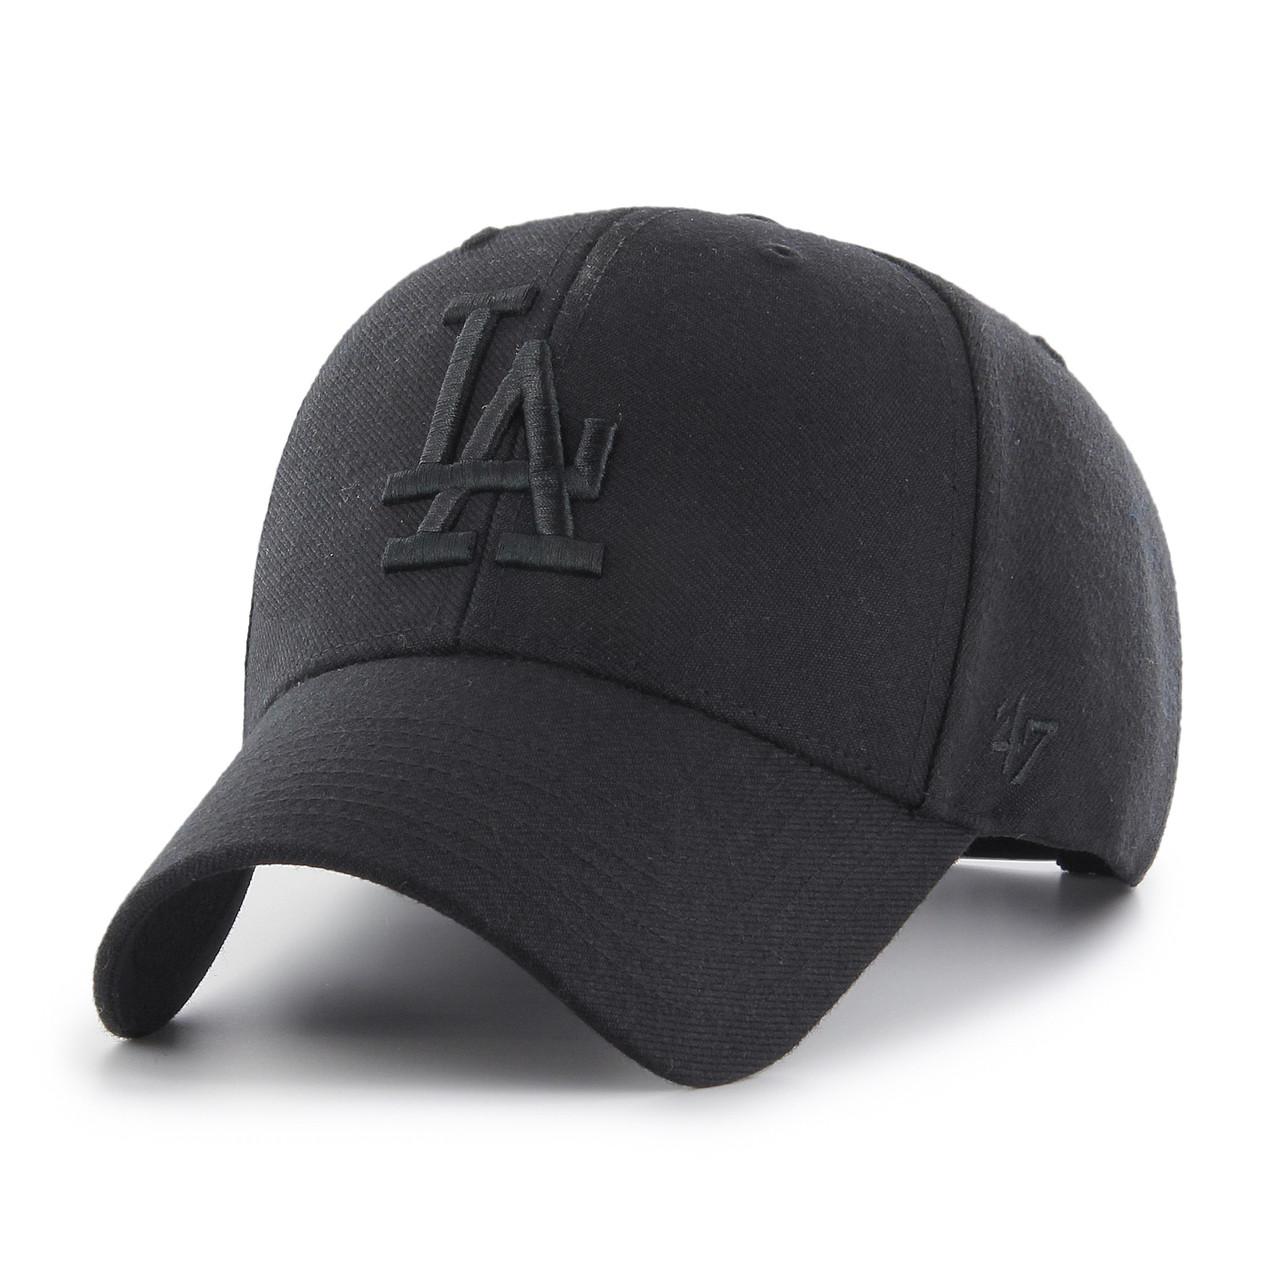 newest af5c8 69b4d L.A Dodgers Blackout MVP 47Brand MLB Snapback Hat. 47Brand